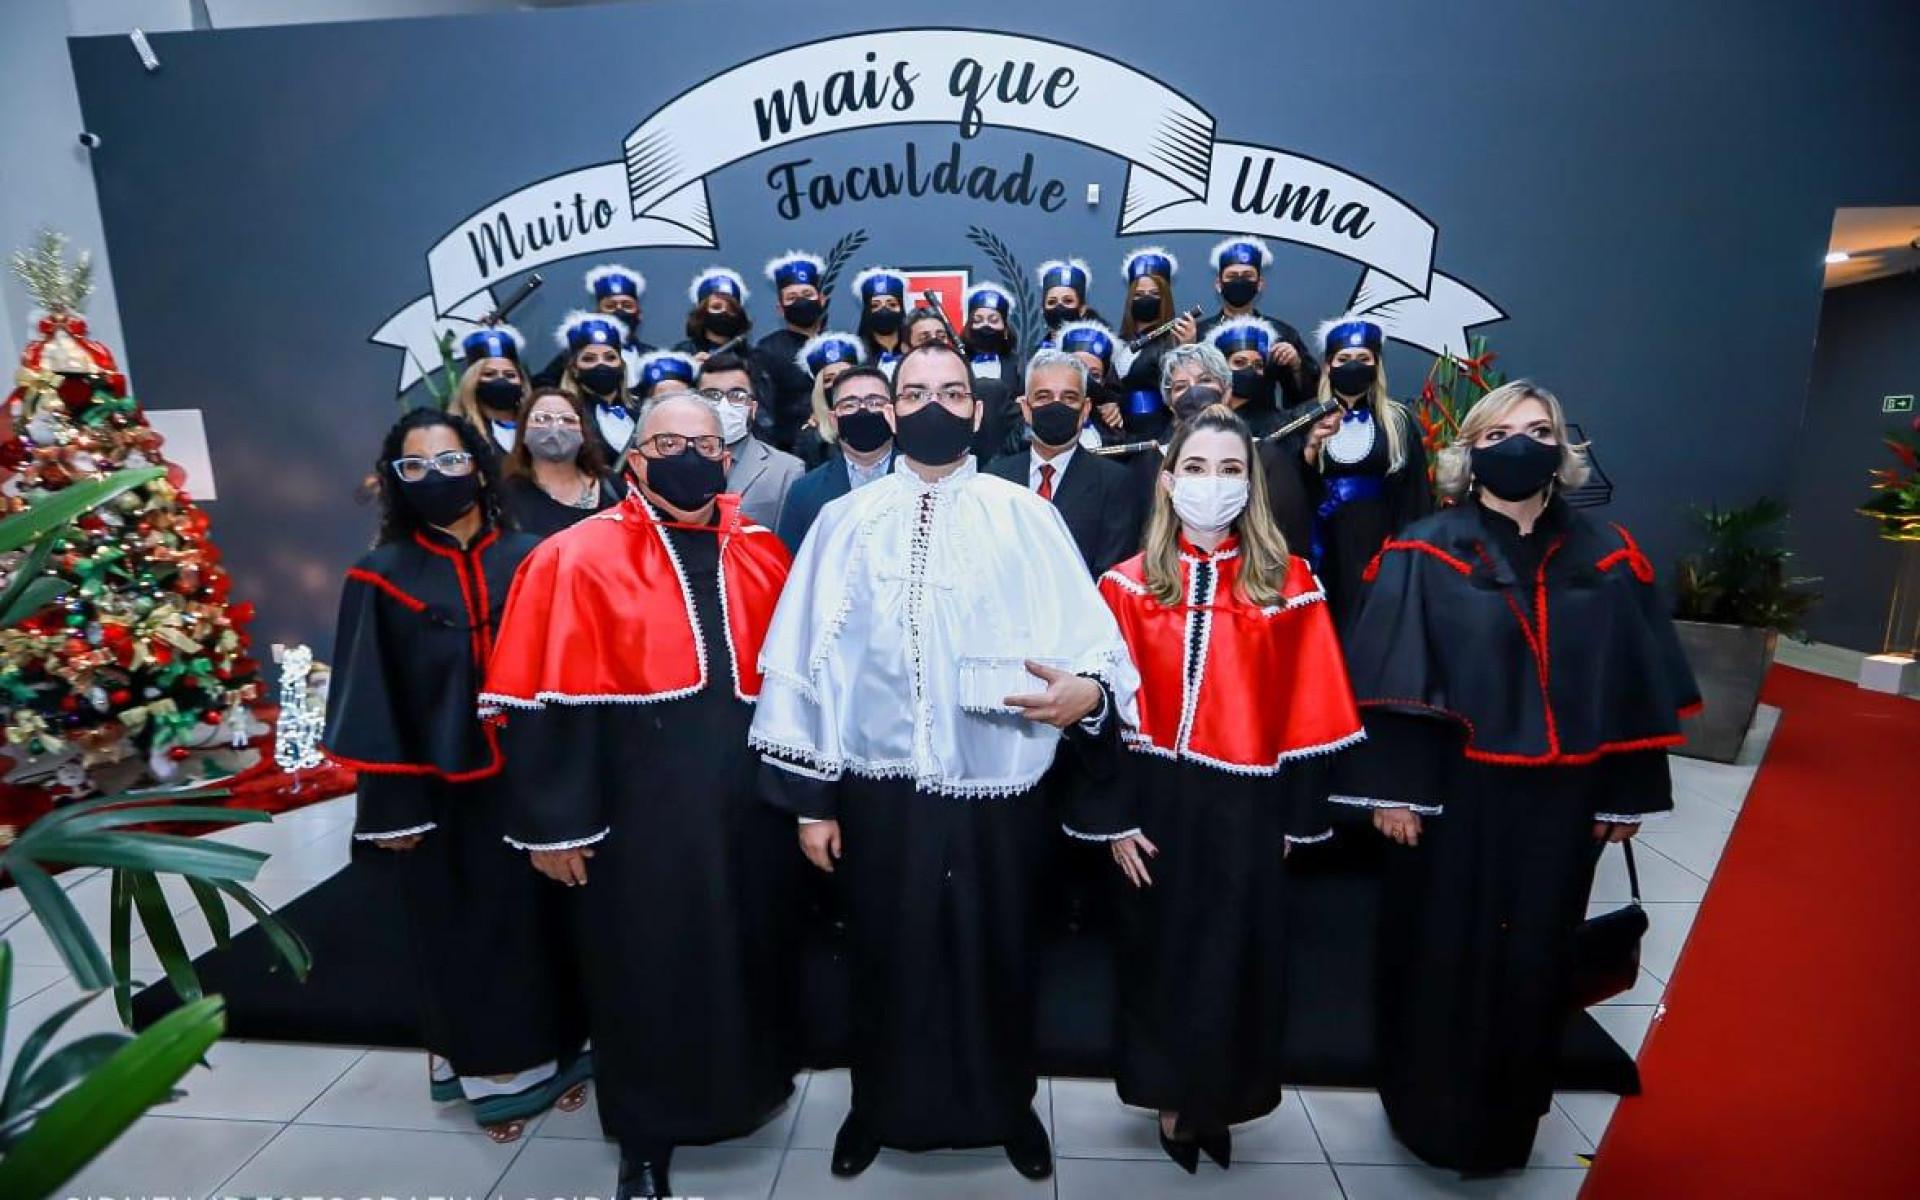 FINAMA realiza primeira solenidade de formatura, apresenta bandeira e lança orquestra